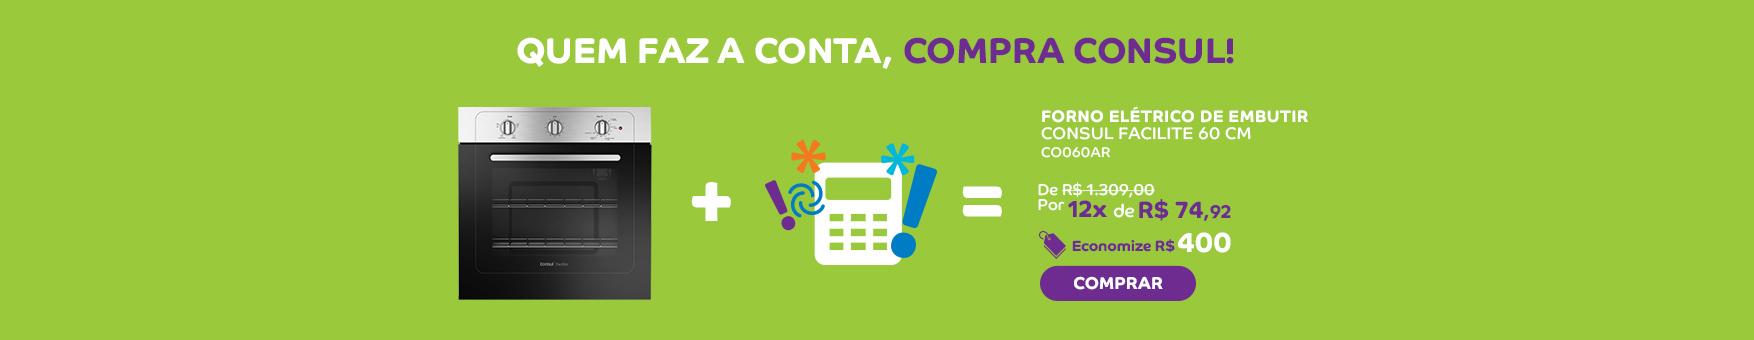 Promoção Interna - 111 - matematicaconsul_co060ar_home_3072015 - co060ar - 2